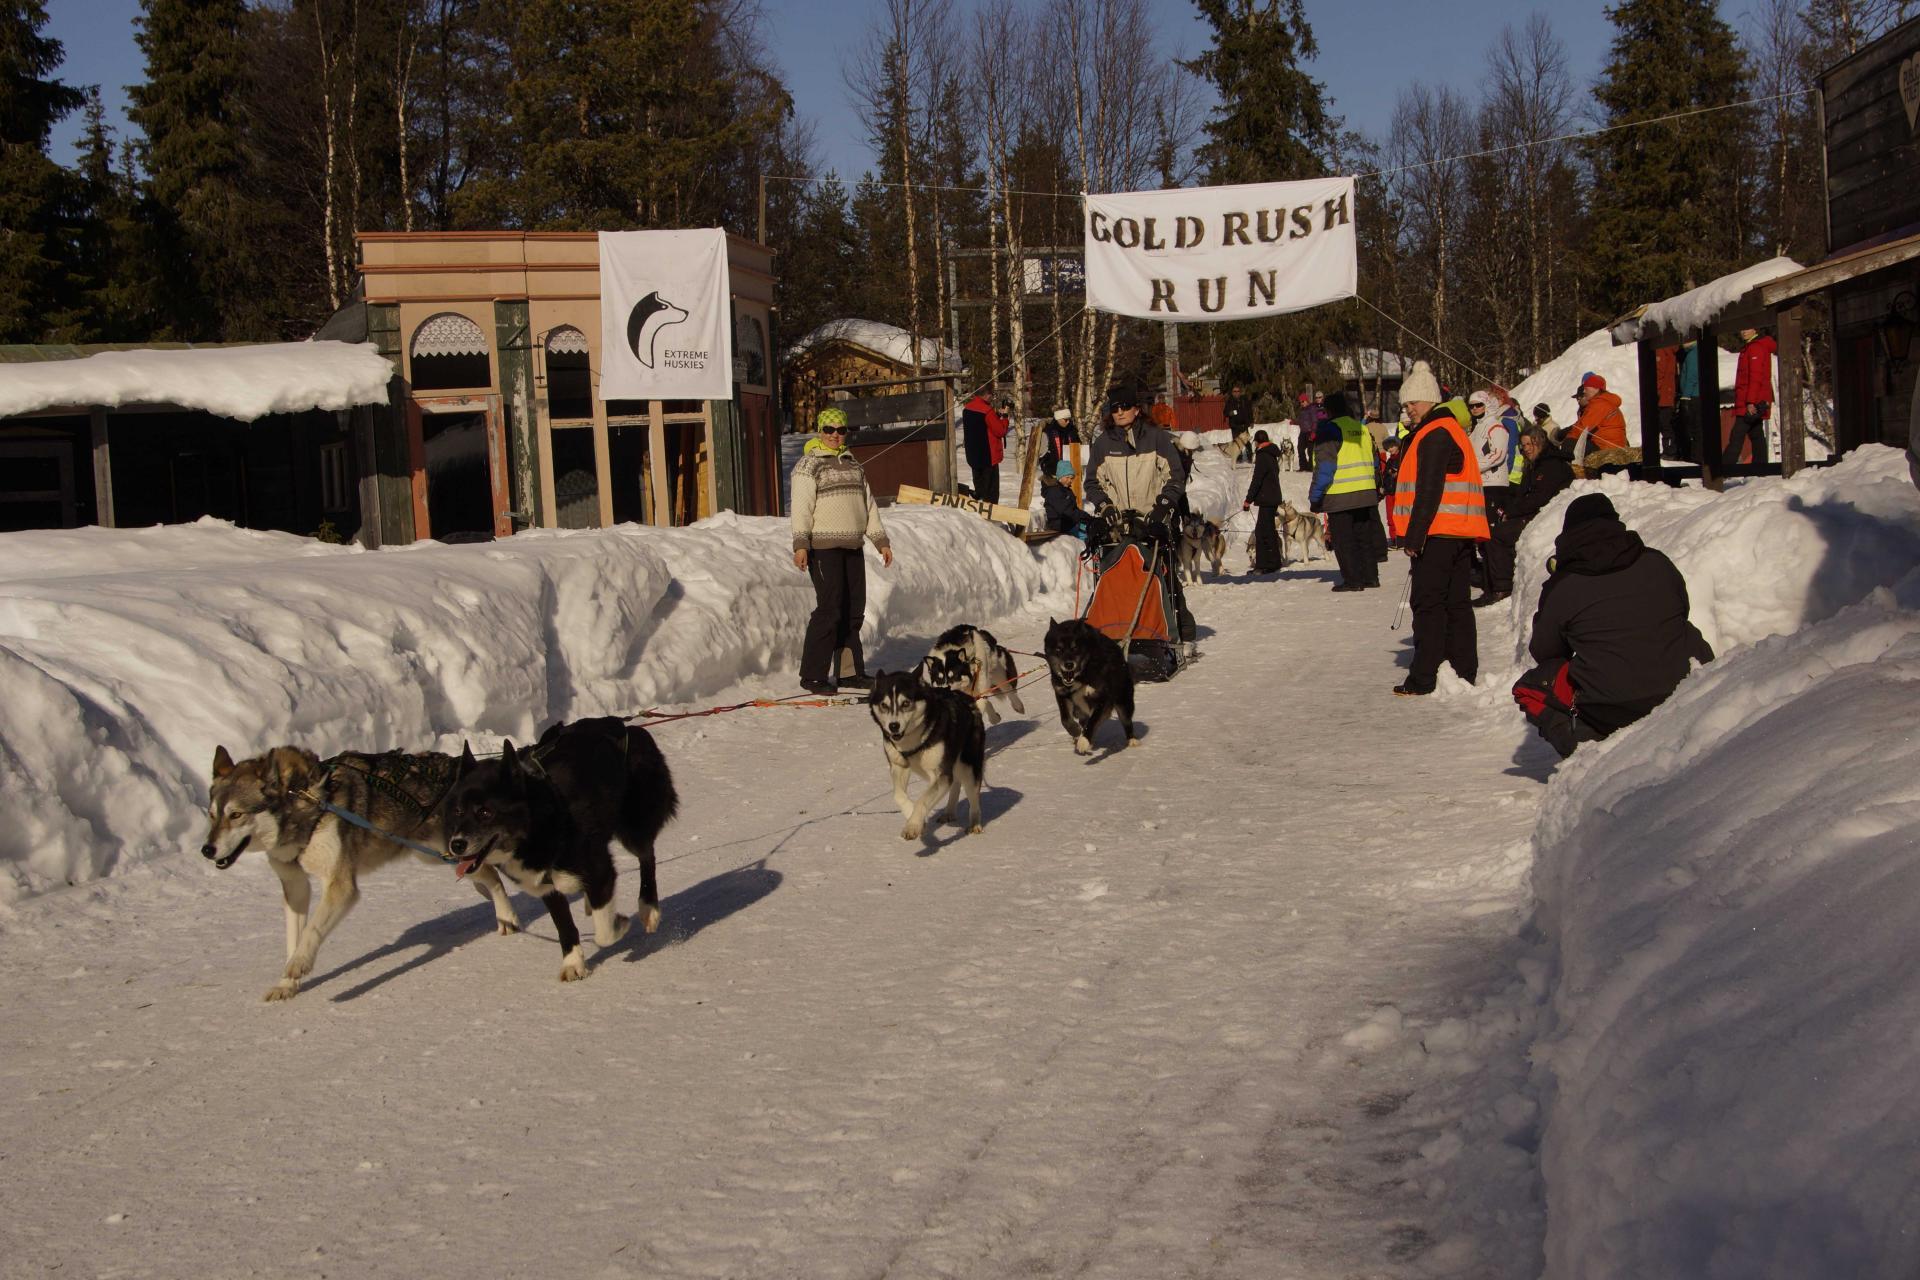 Gold Rush Run Gold Rush Run Visit Sompio